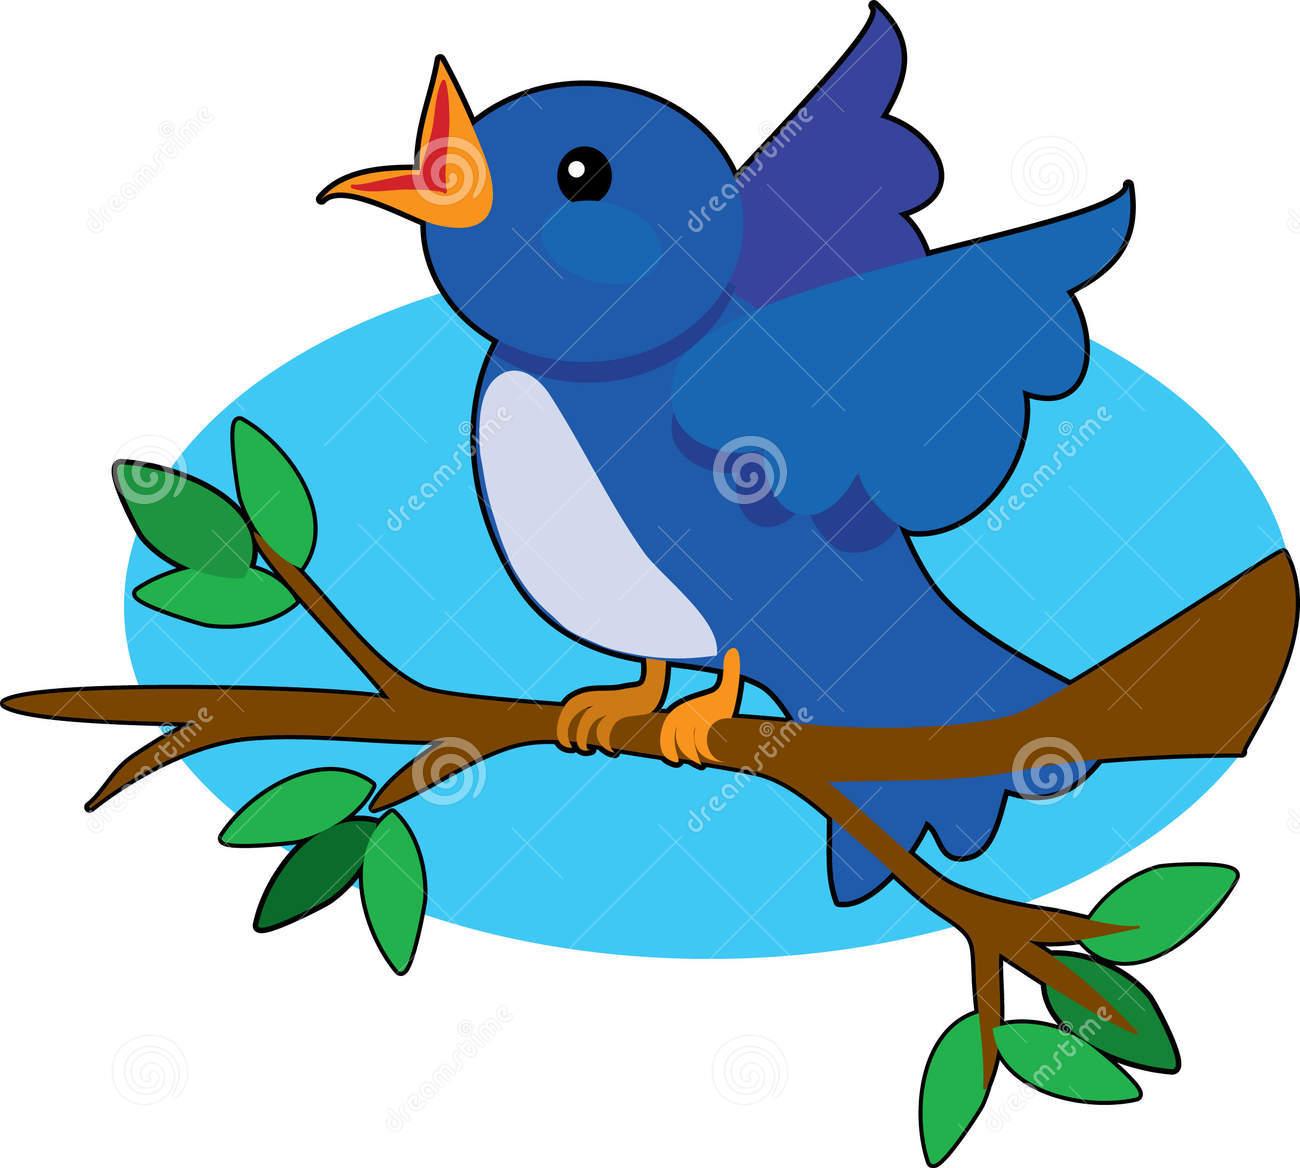 Nest clipart chirping bird #1